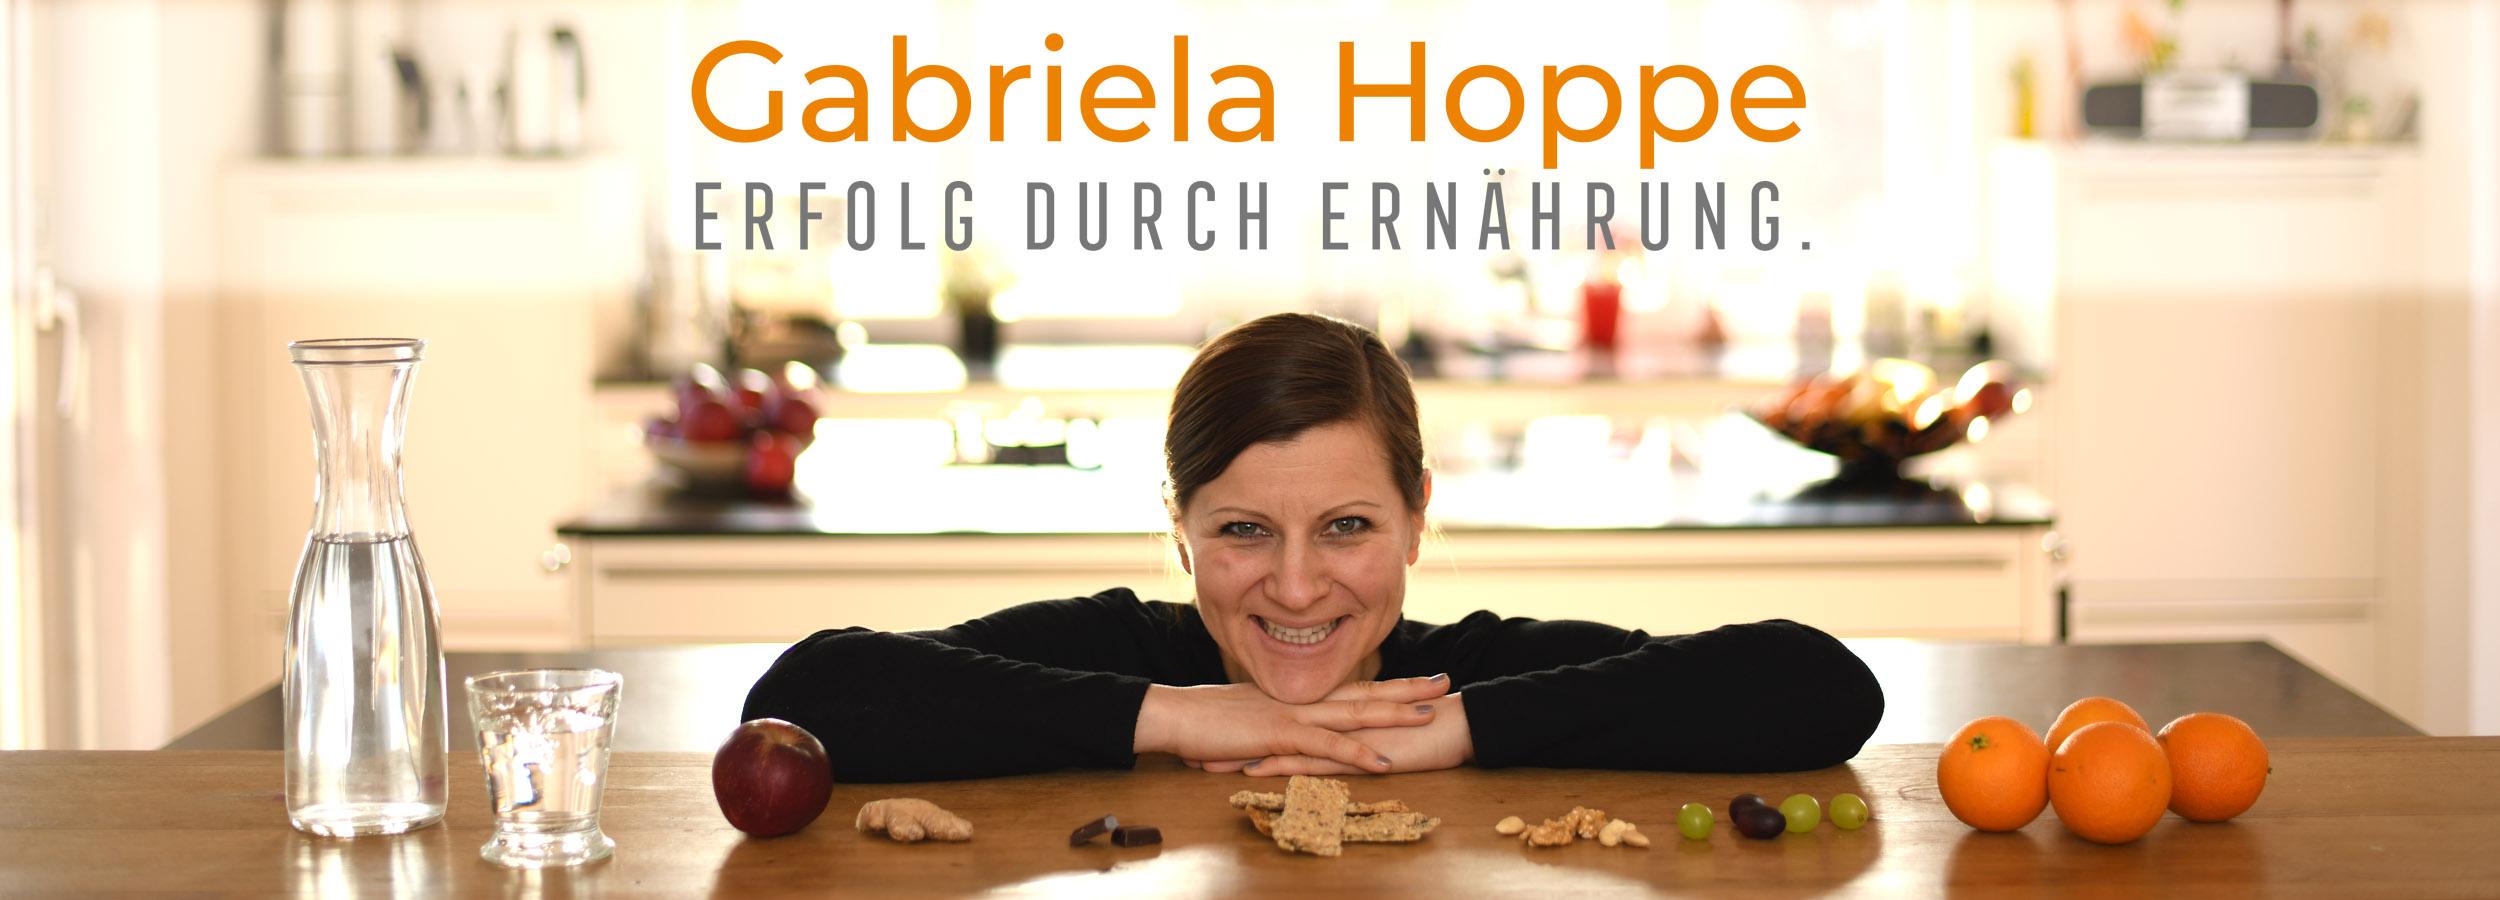 Erfolg durch Ernährung - gesund abnehmen & Stoffwechsel optimieren mit Dr. Gabriela Hoppe - Ernährungsspezialistin & Heilpraktikerin